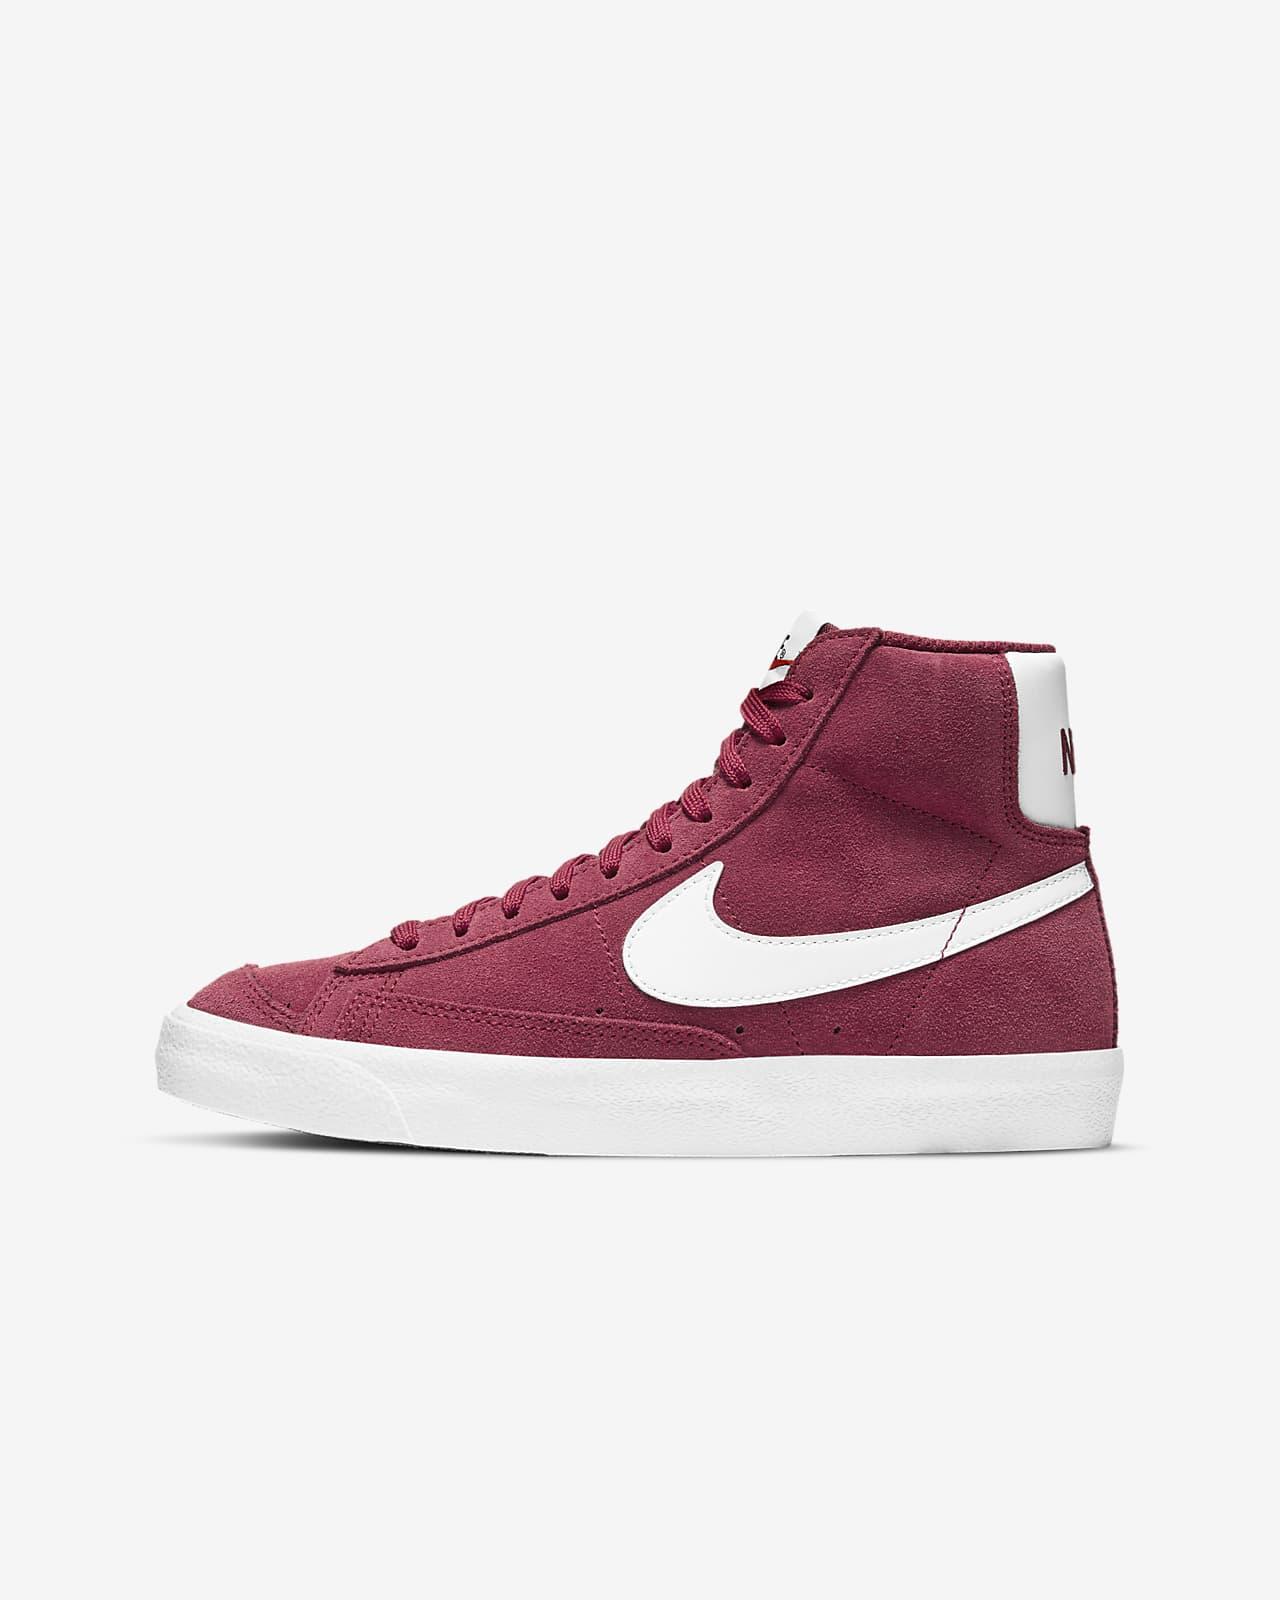 Chaussure Nike Blazer Mid '77 Suede pour Enfant plus âgé. Nike LU